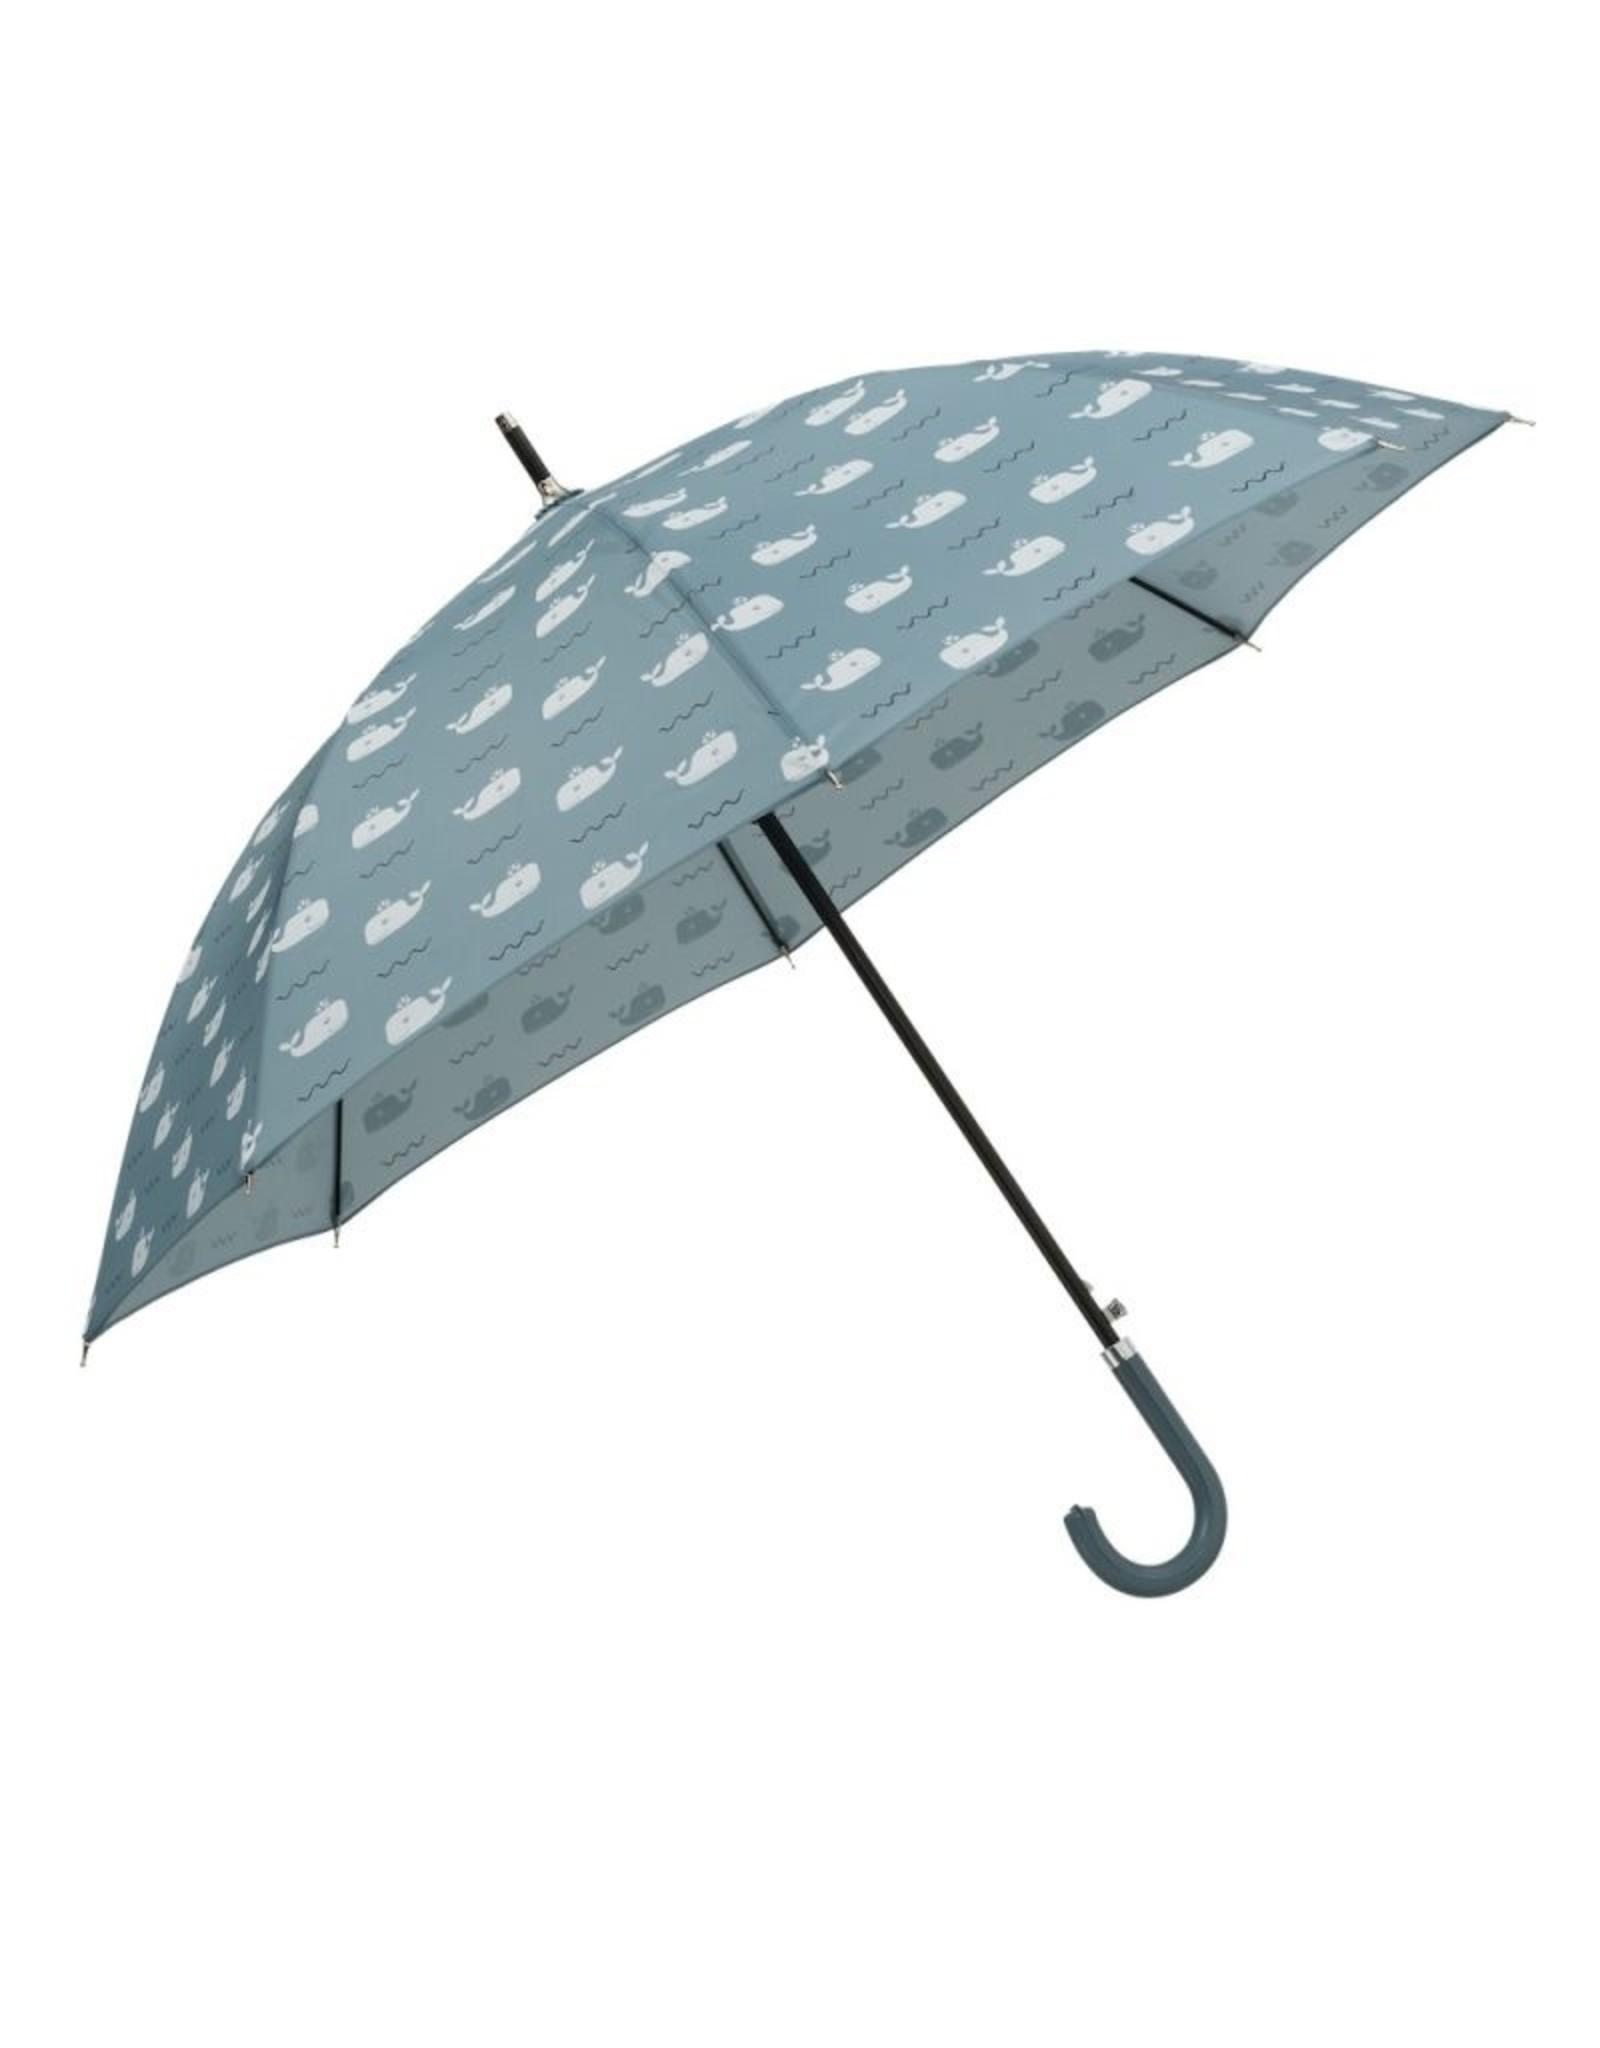 Fresk Parapluie enfant baleine